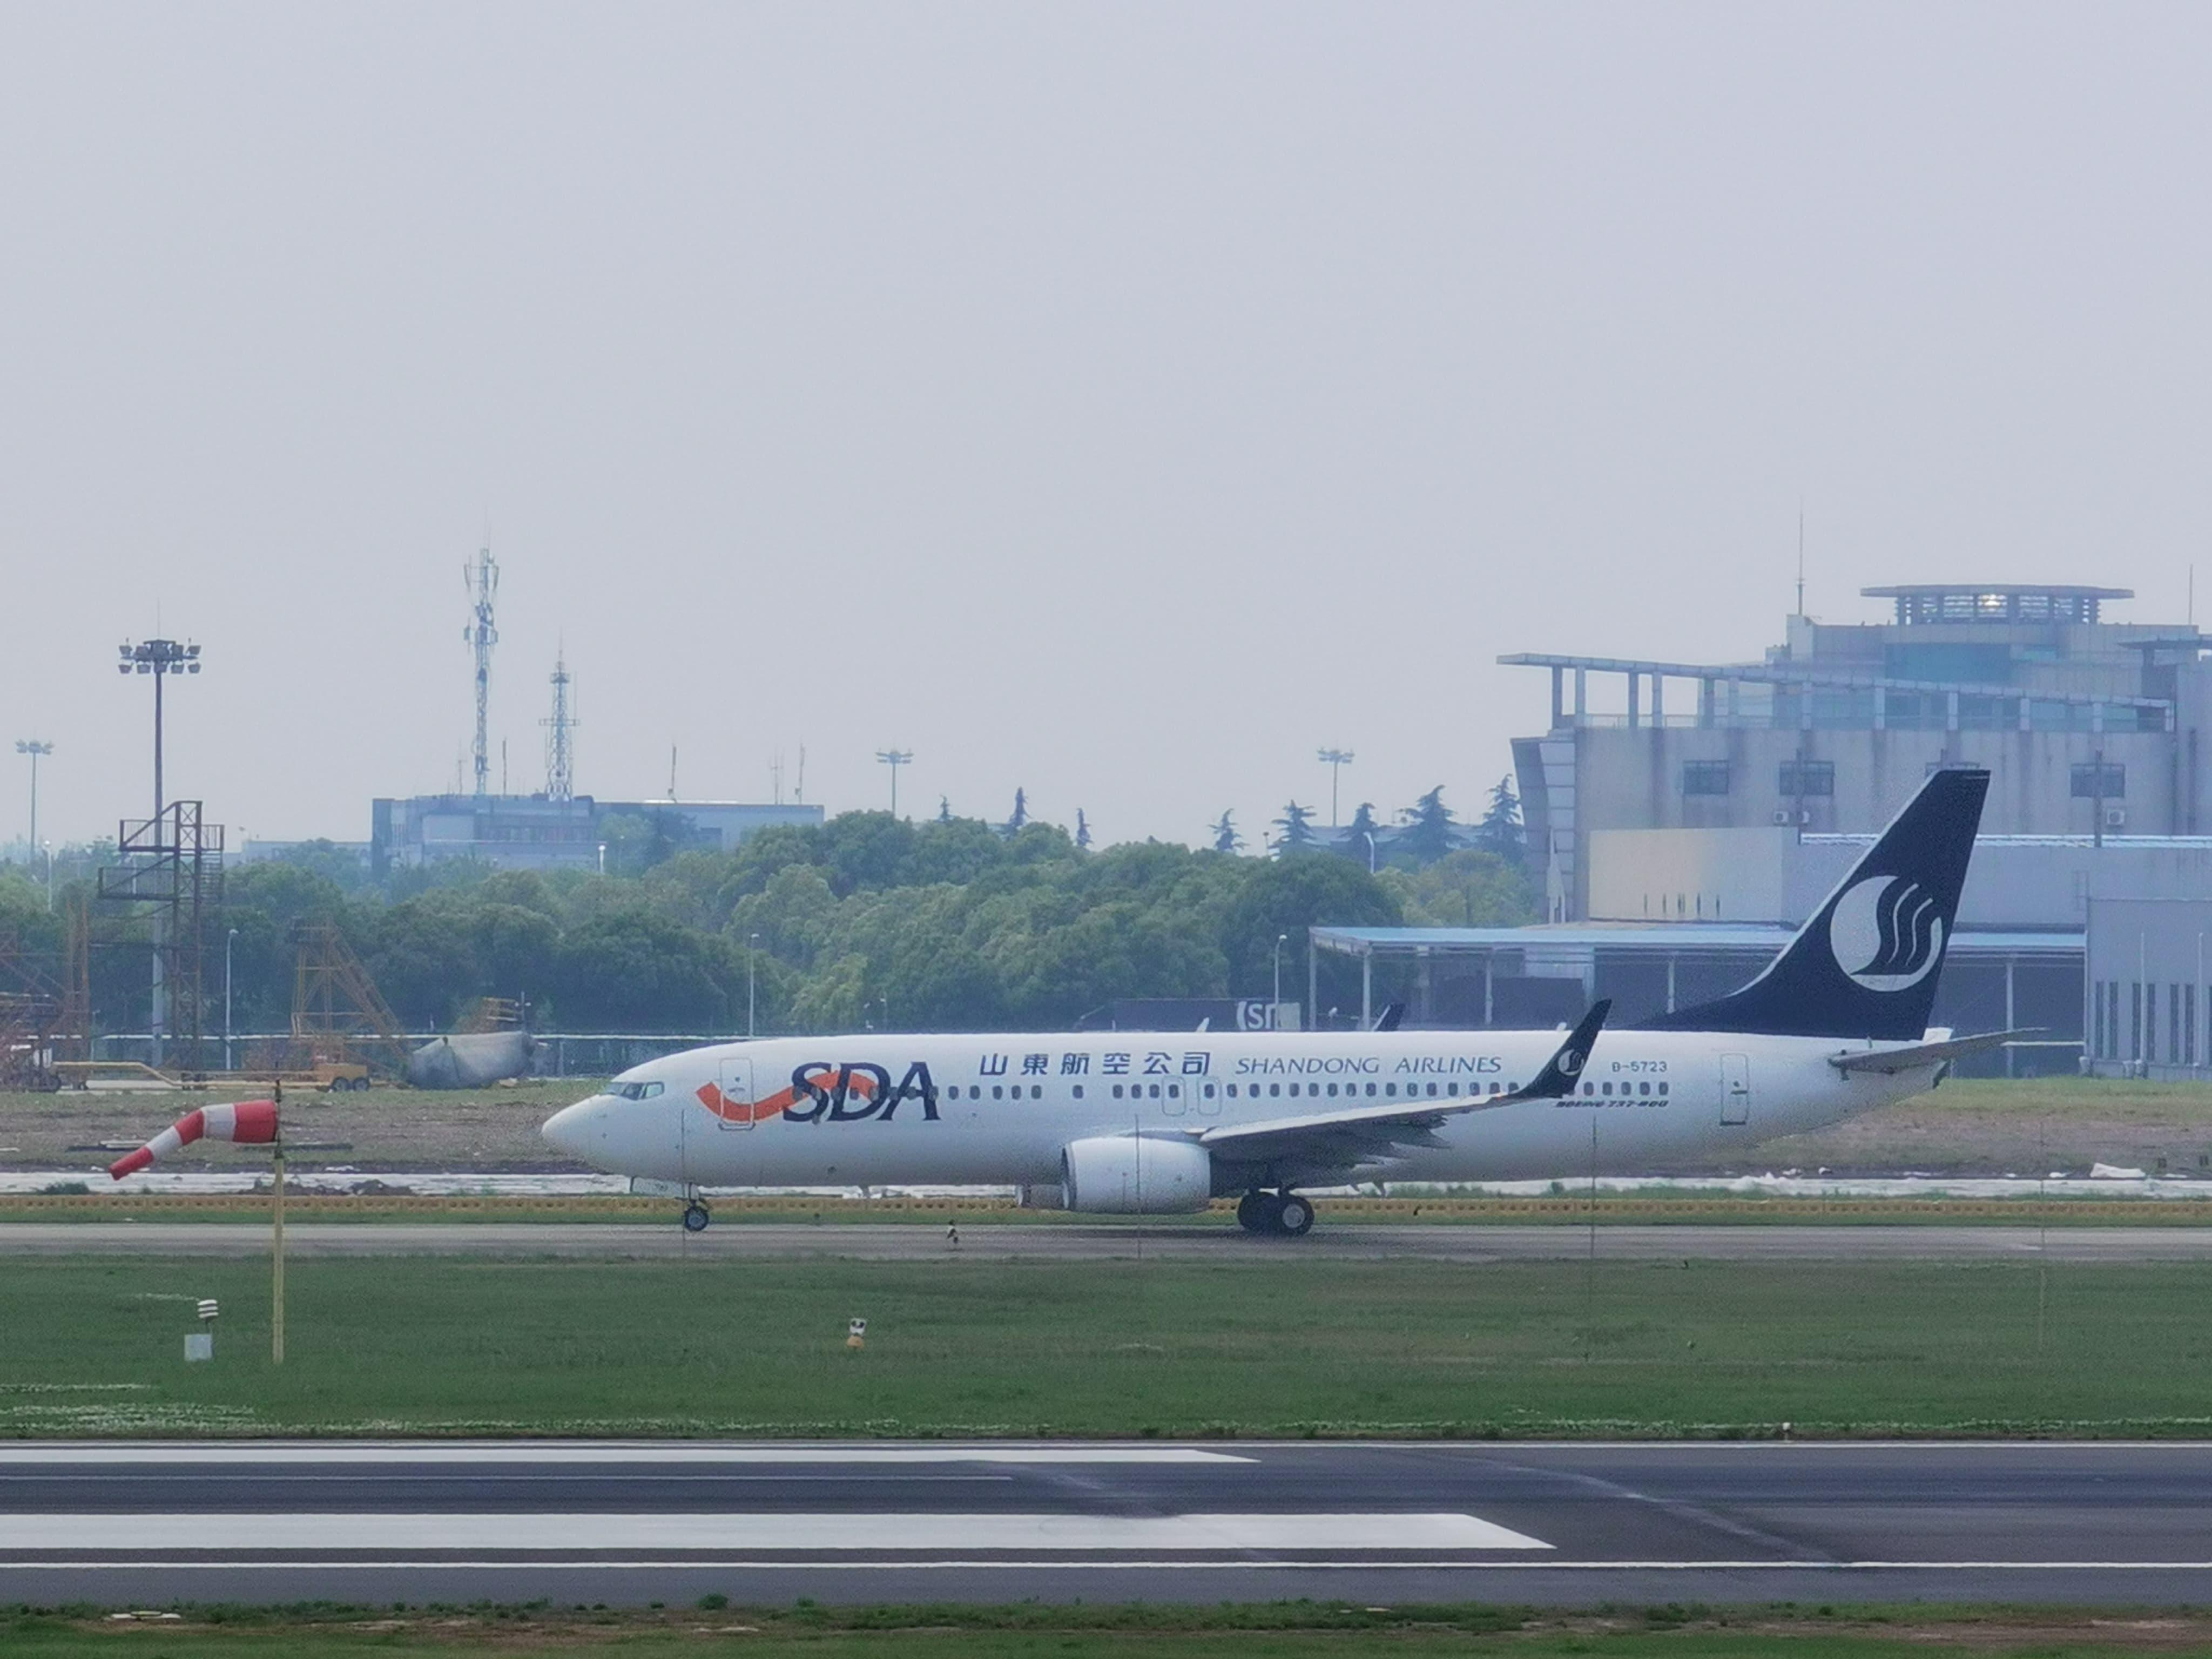 [资料]山东航空滑行 BOEING 737-800 B-5723 中国南京禄口国际机场